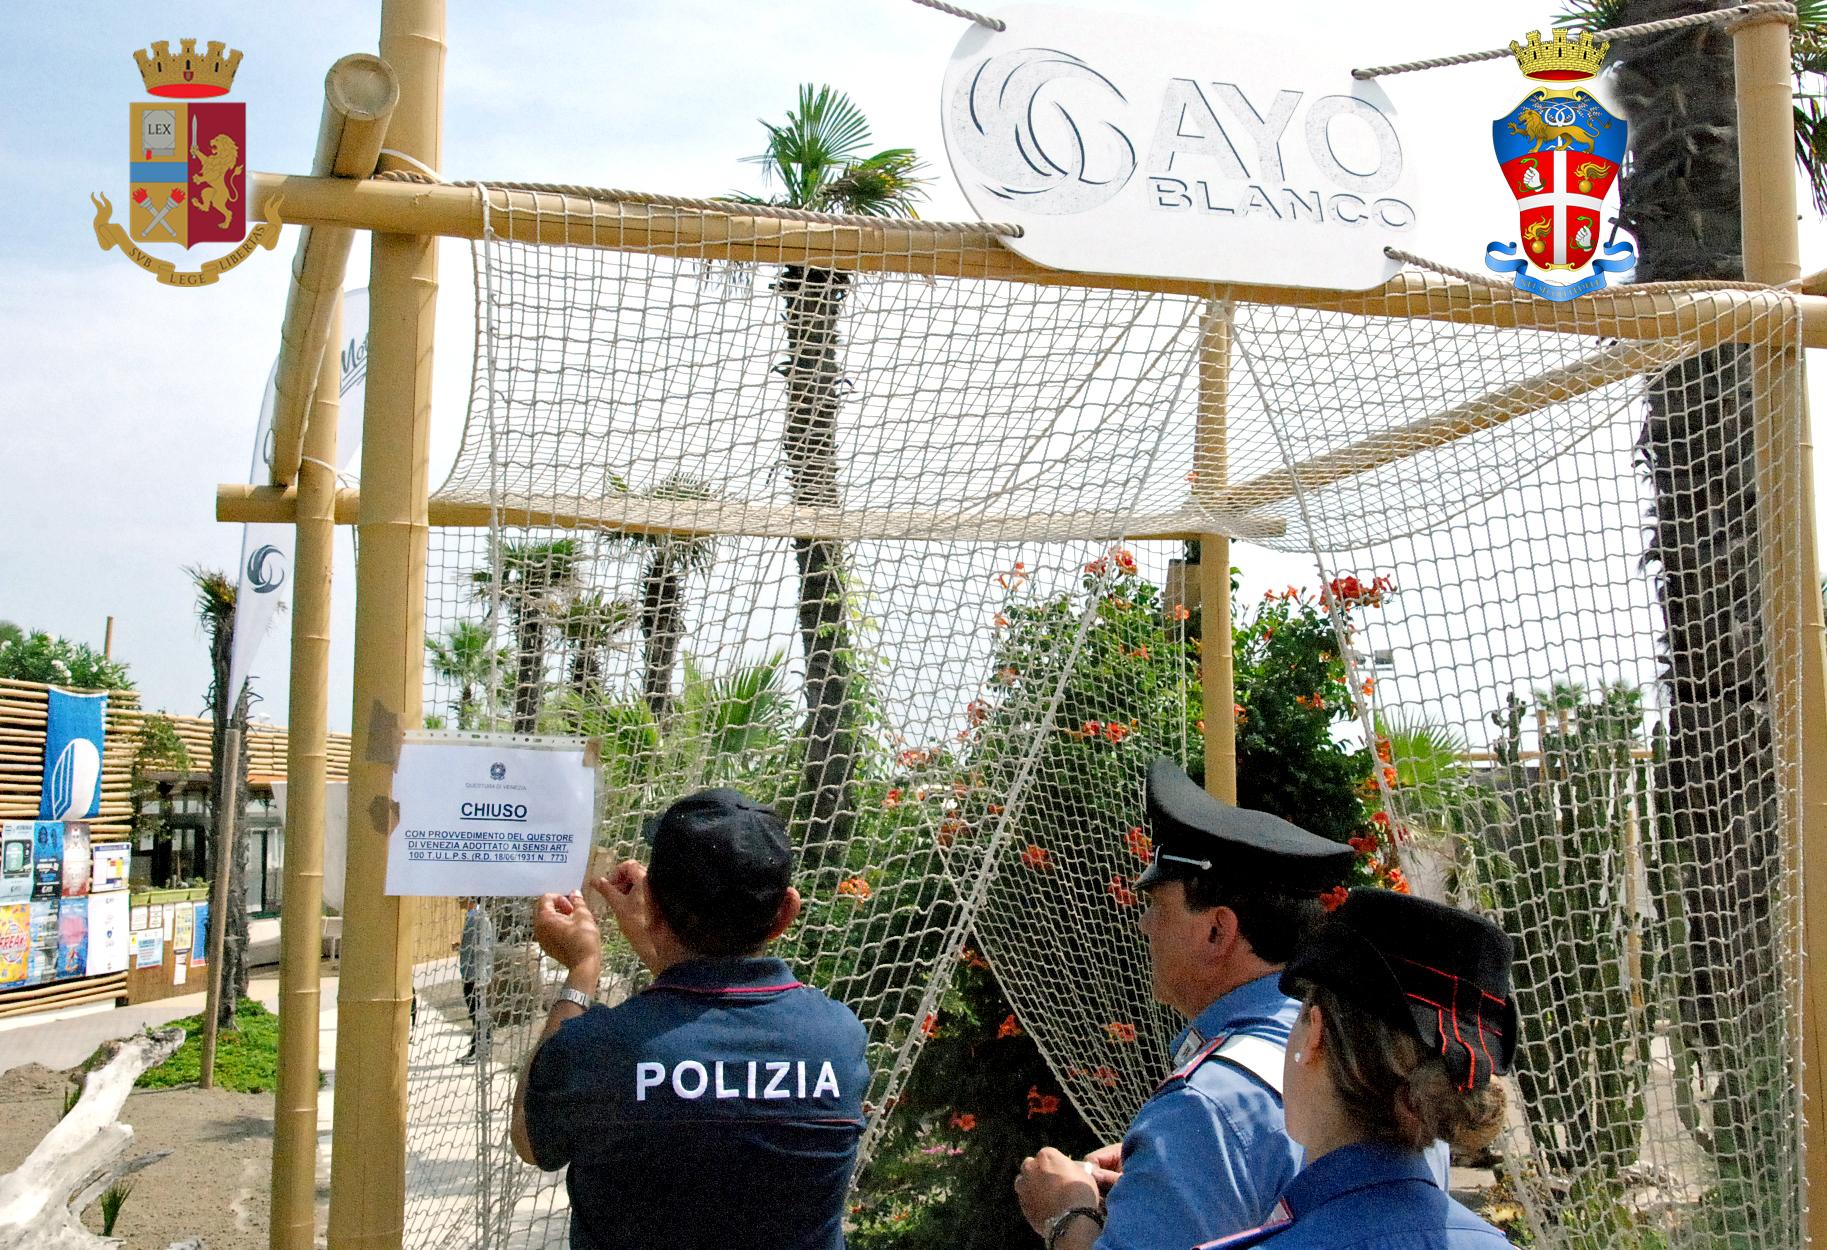 Polizia di Stato - Questure sul web - Venezia